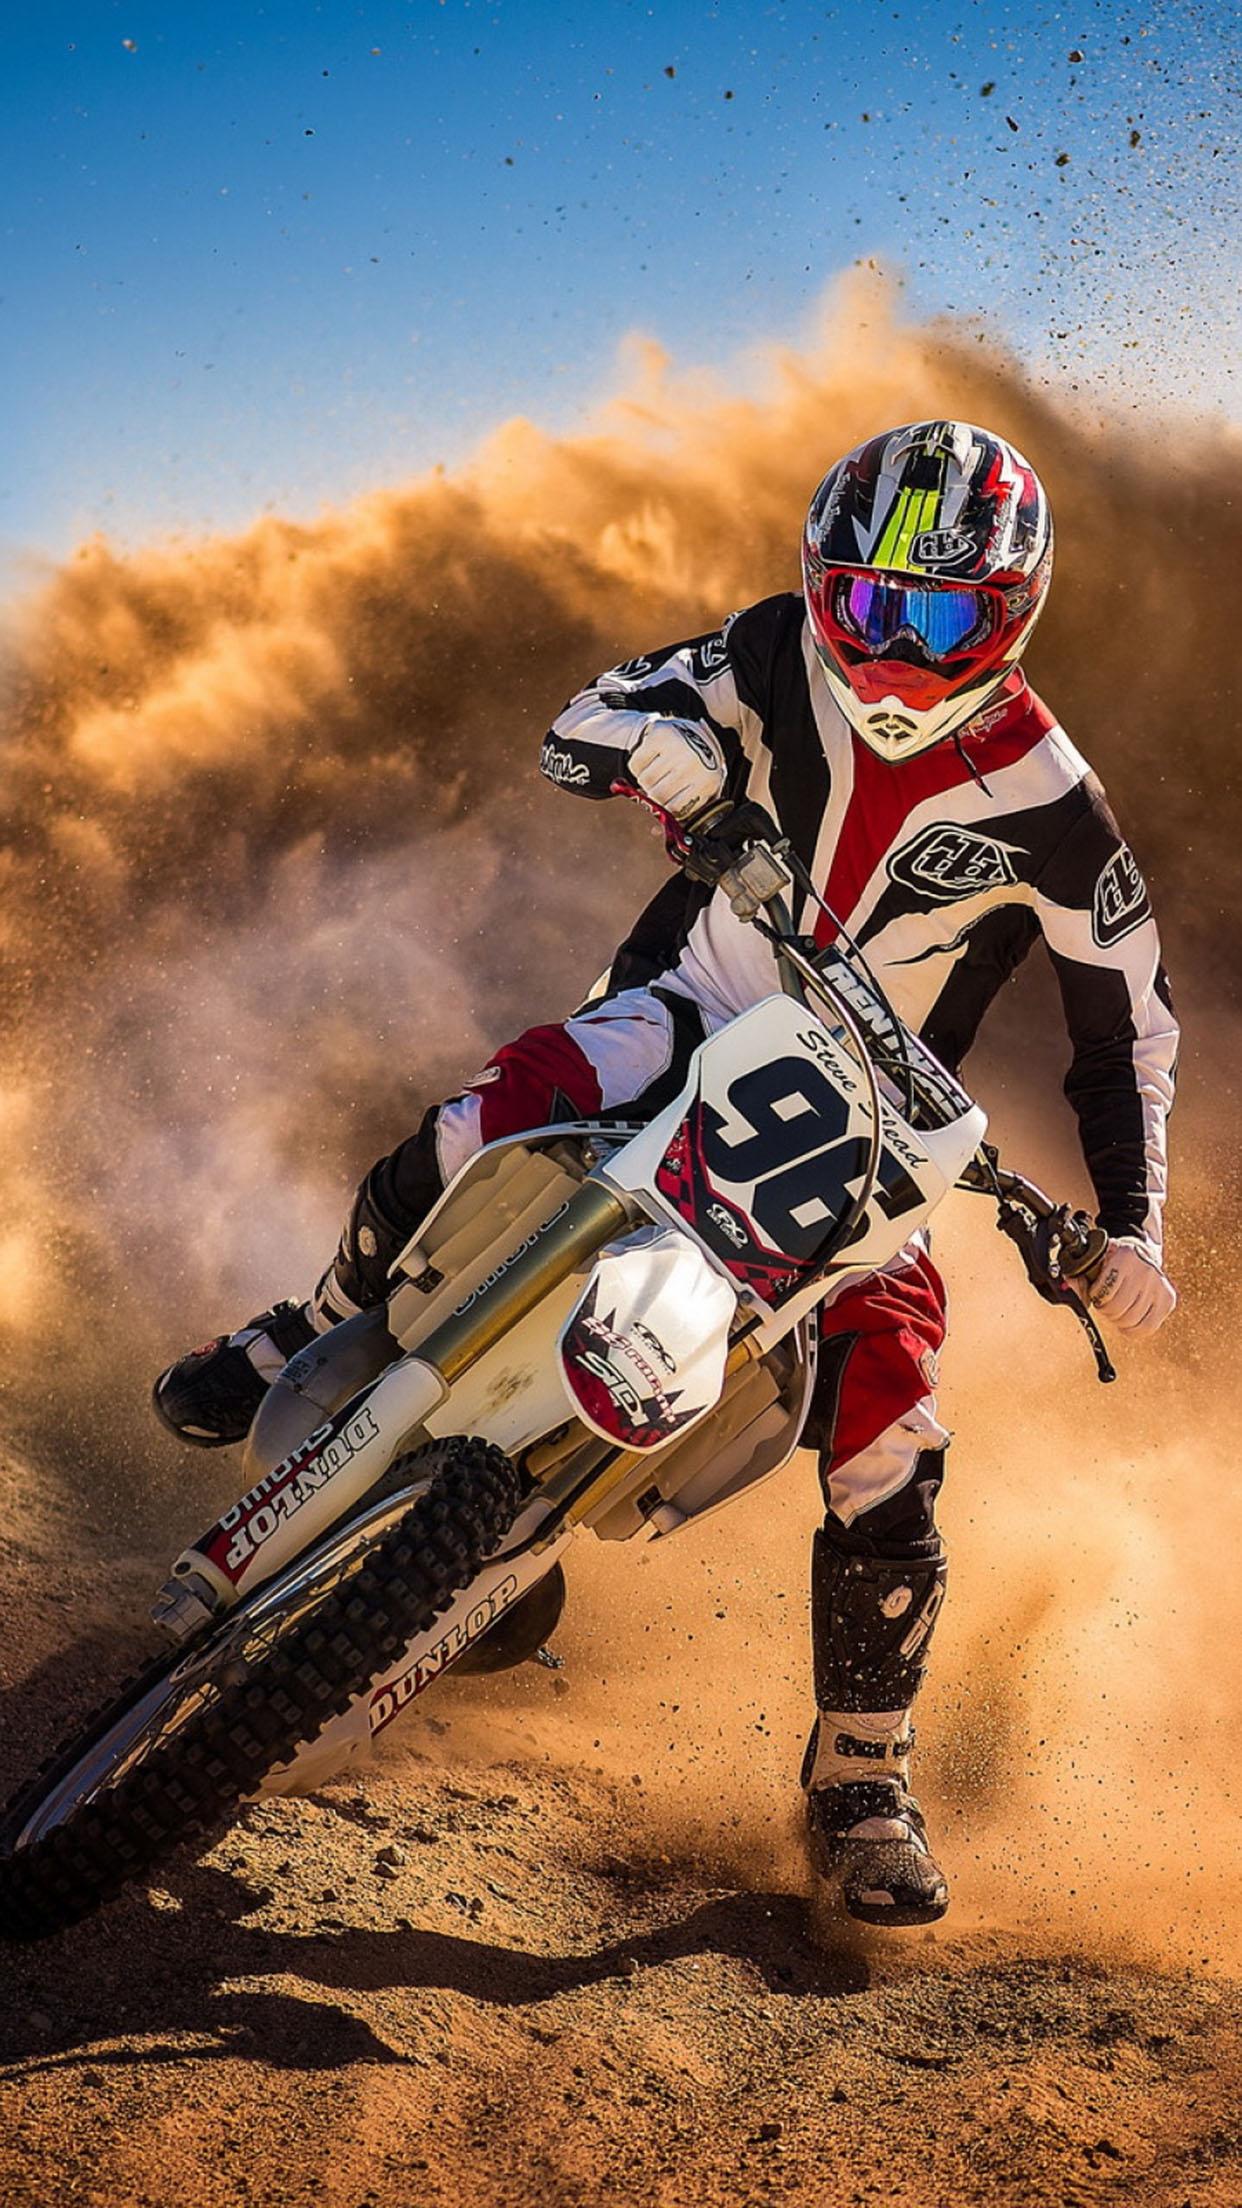 fond ecran moto cross